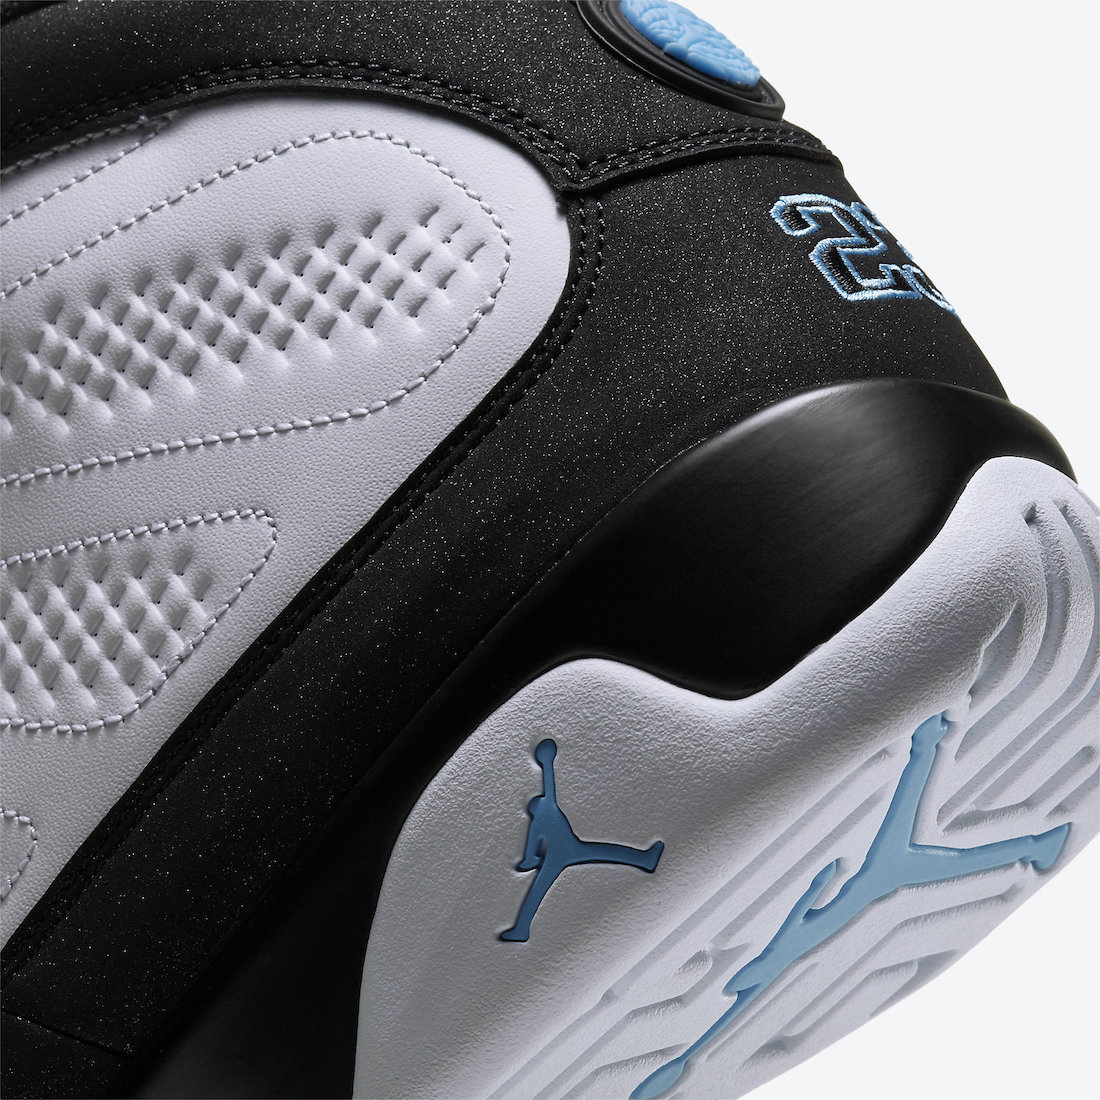 Air-Jordan-9-University-Blue-CT8019-140-Release-Date-Price-7